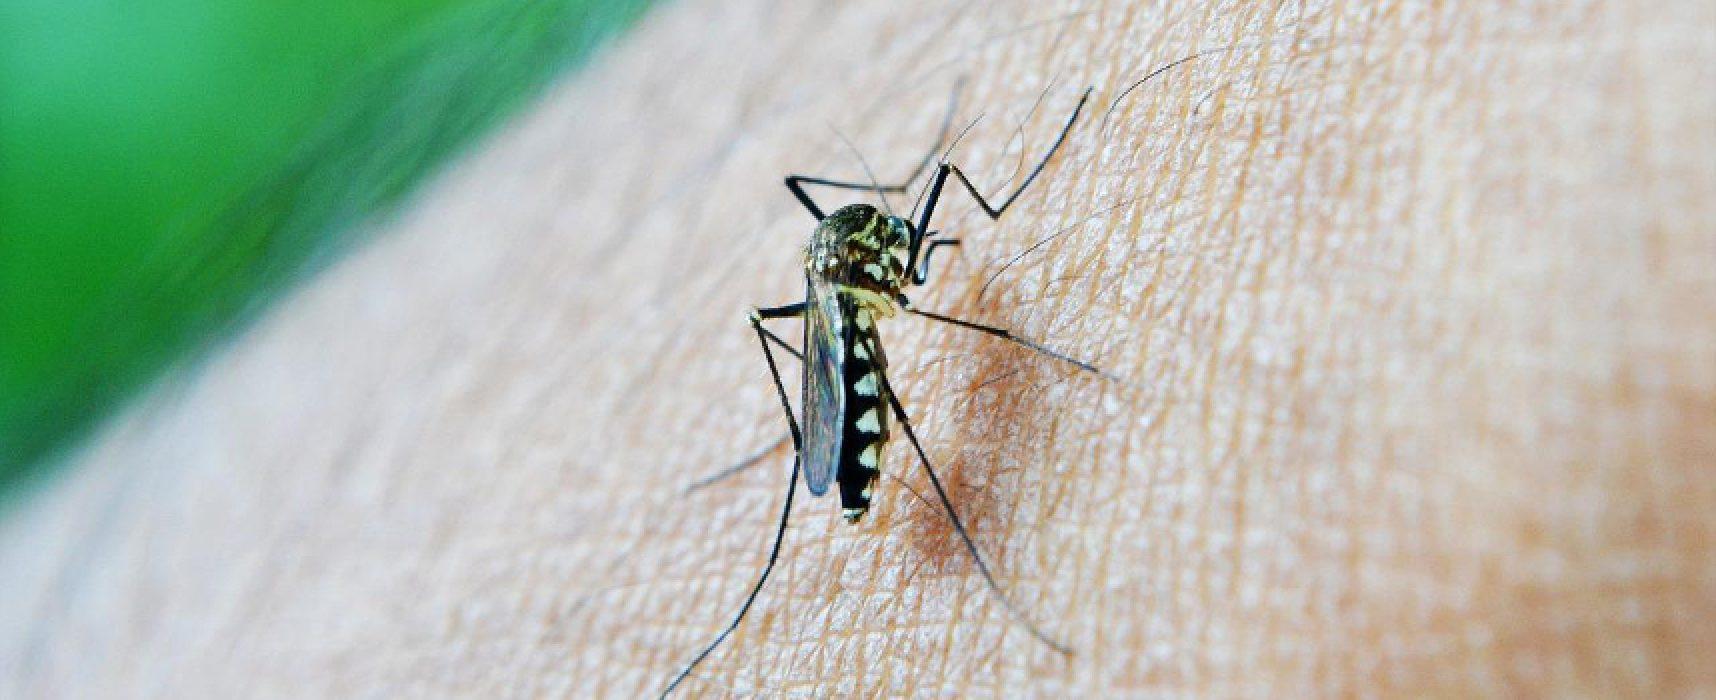 Nuovi interventi di disinfestazione contro mosche e zanzare in tutta la città / DETTAGLI